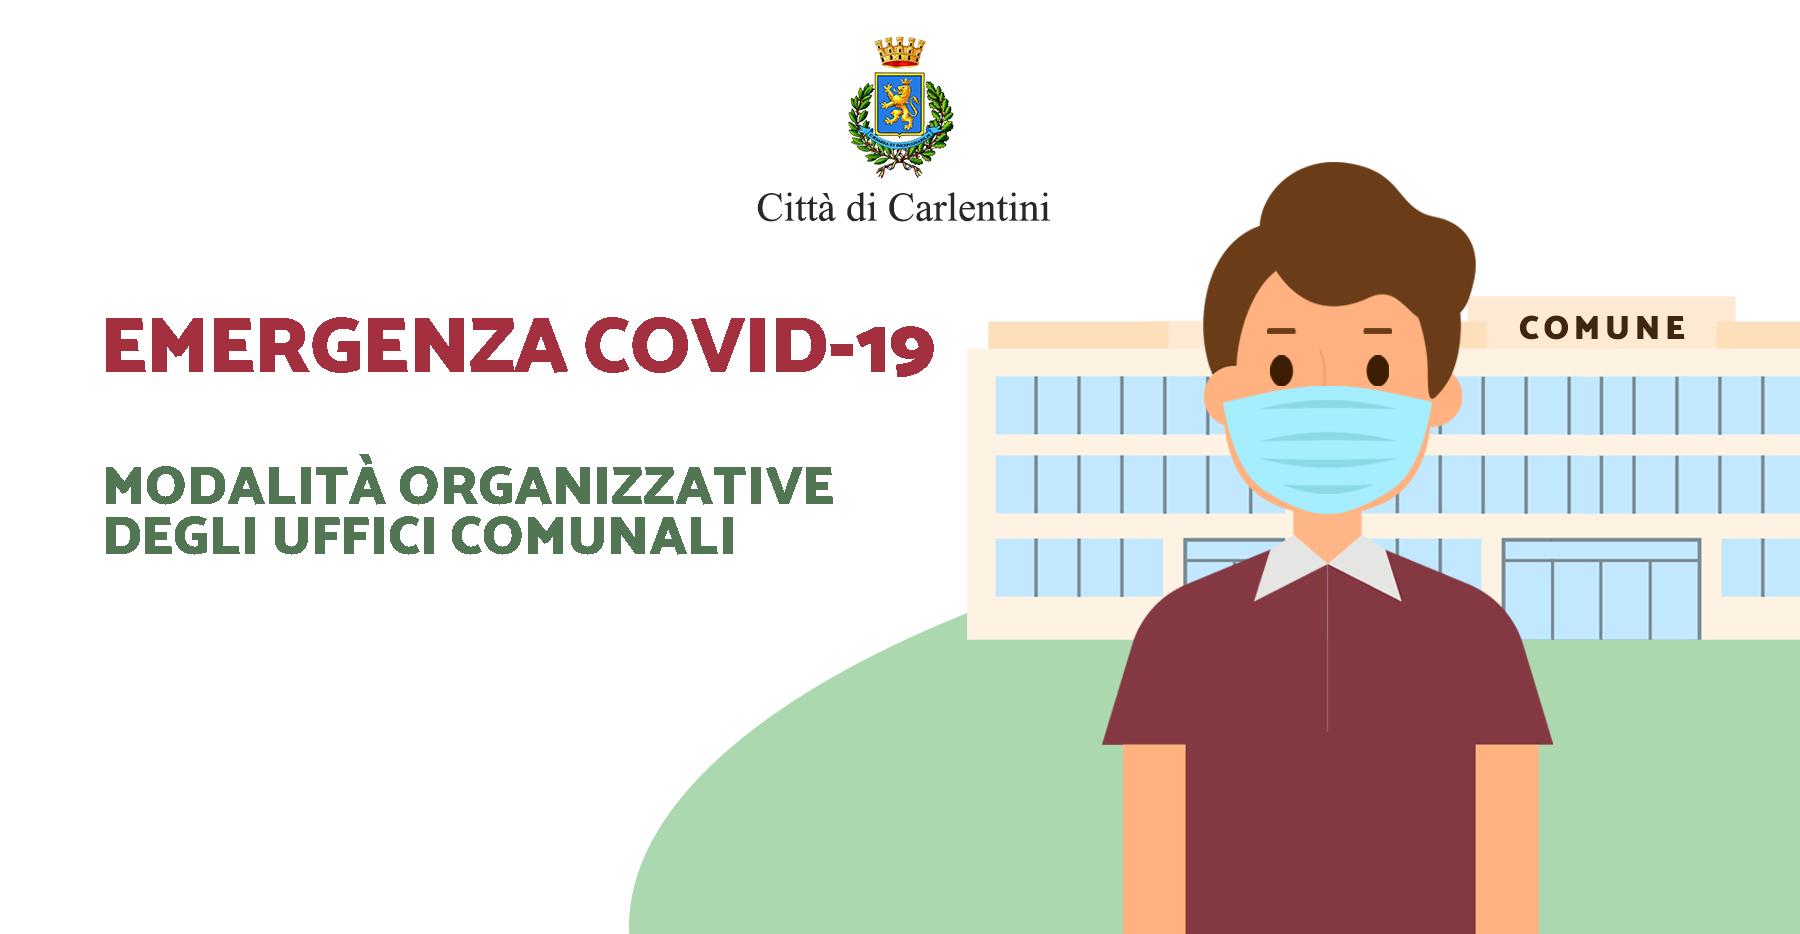 Emergenza COVID19: Modalità organizzative degli uffici comunali